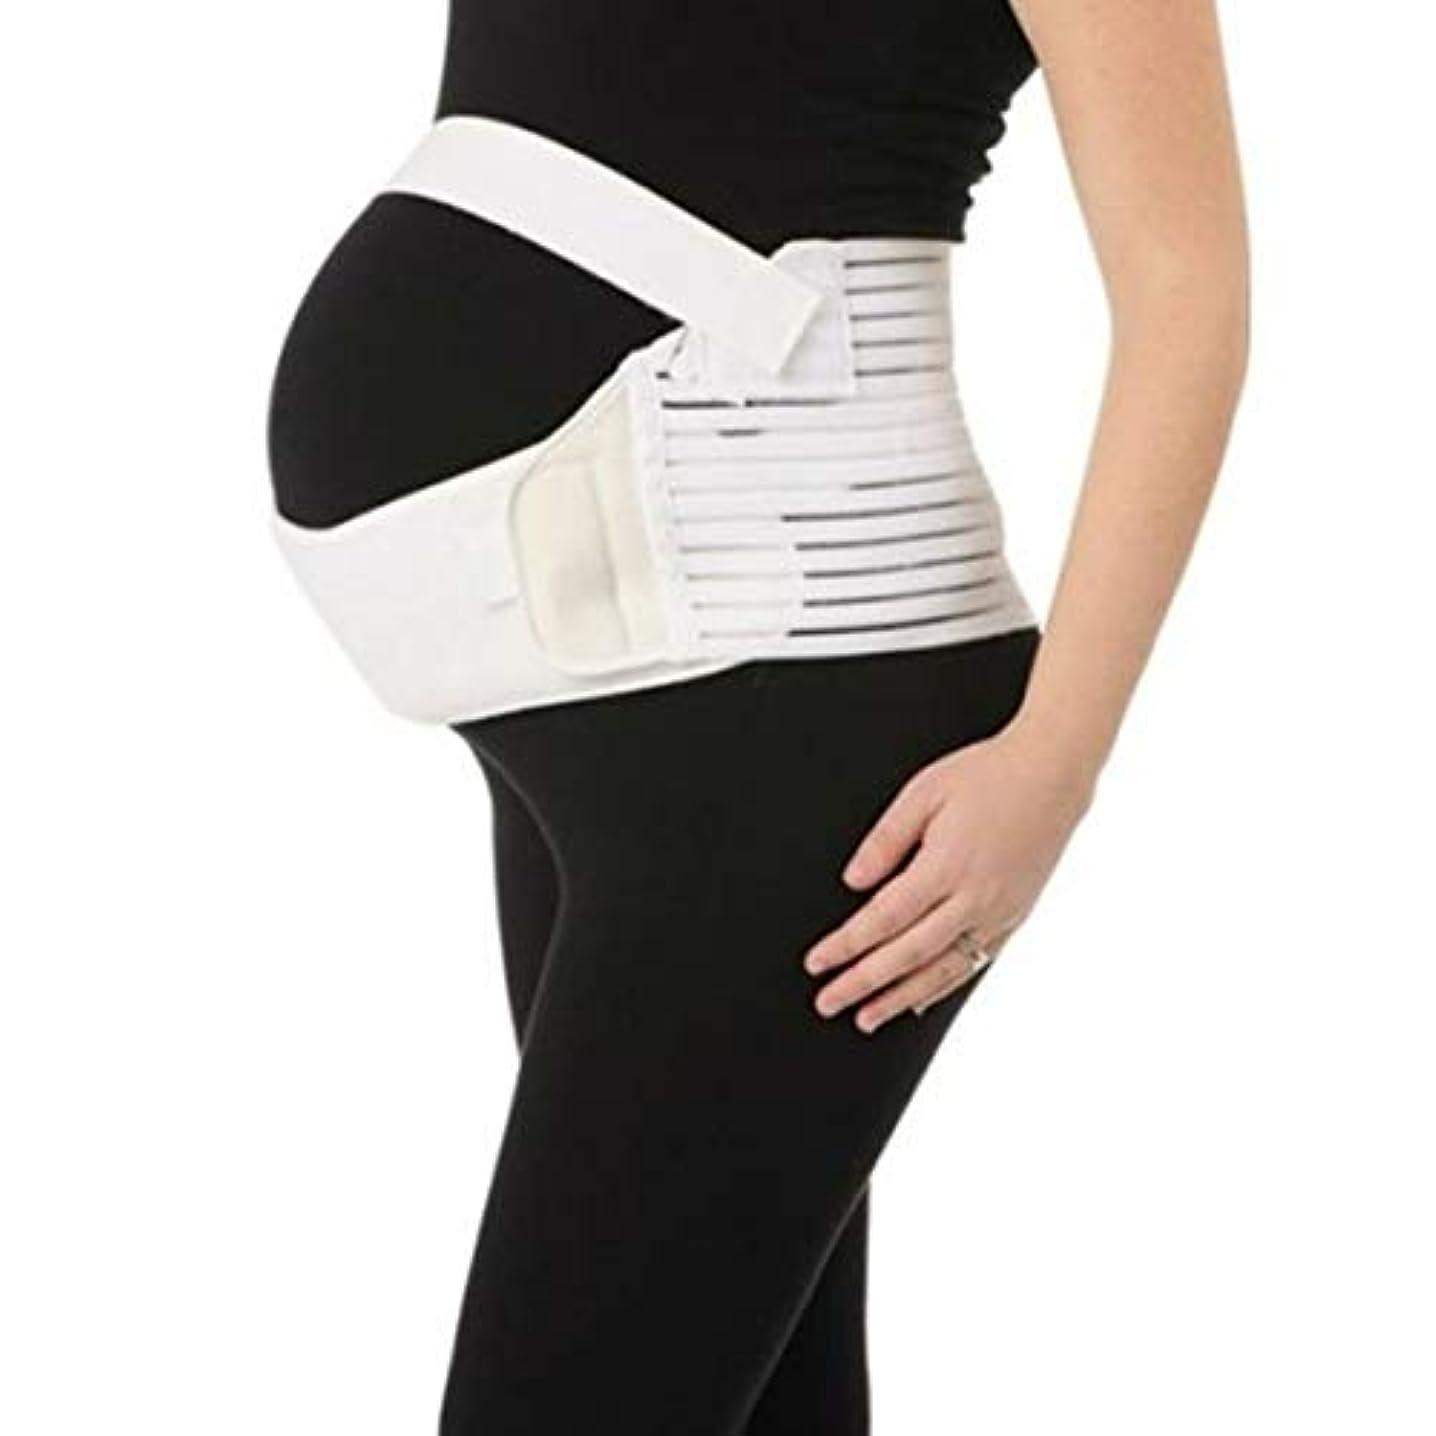 ブルインスタンス機会通気性マタニティベルト妊娠腹部サポート腹部バインダーガードル運動包帯産後回復形状ウェア - ホワイトXL